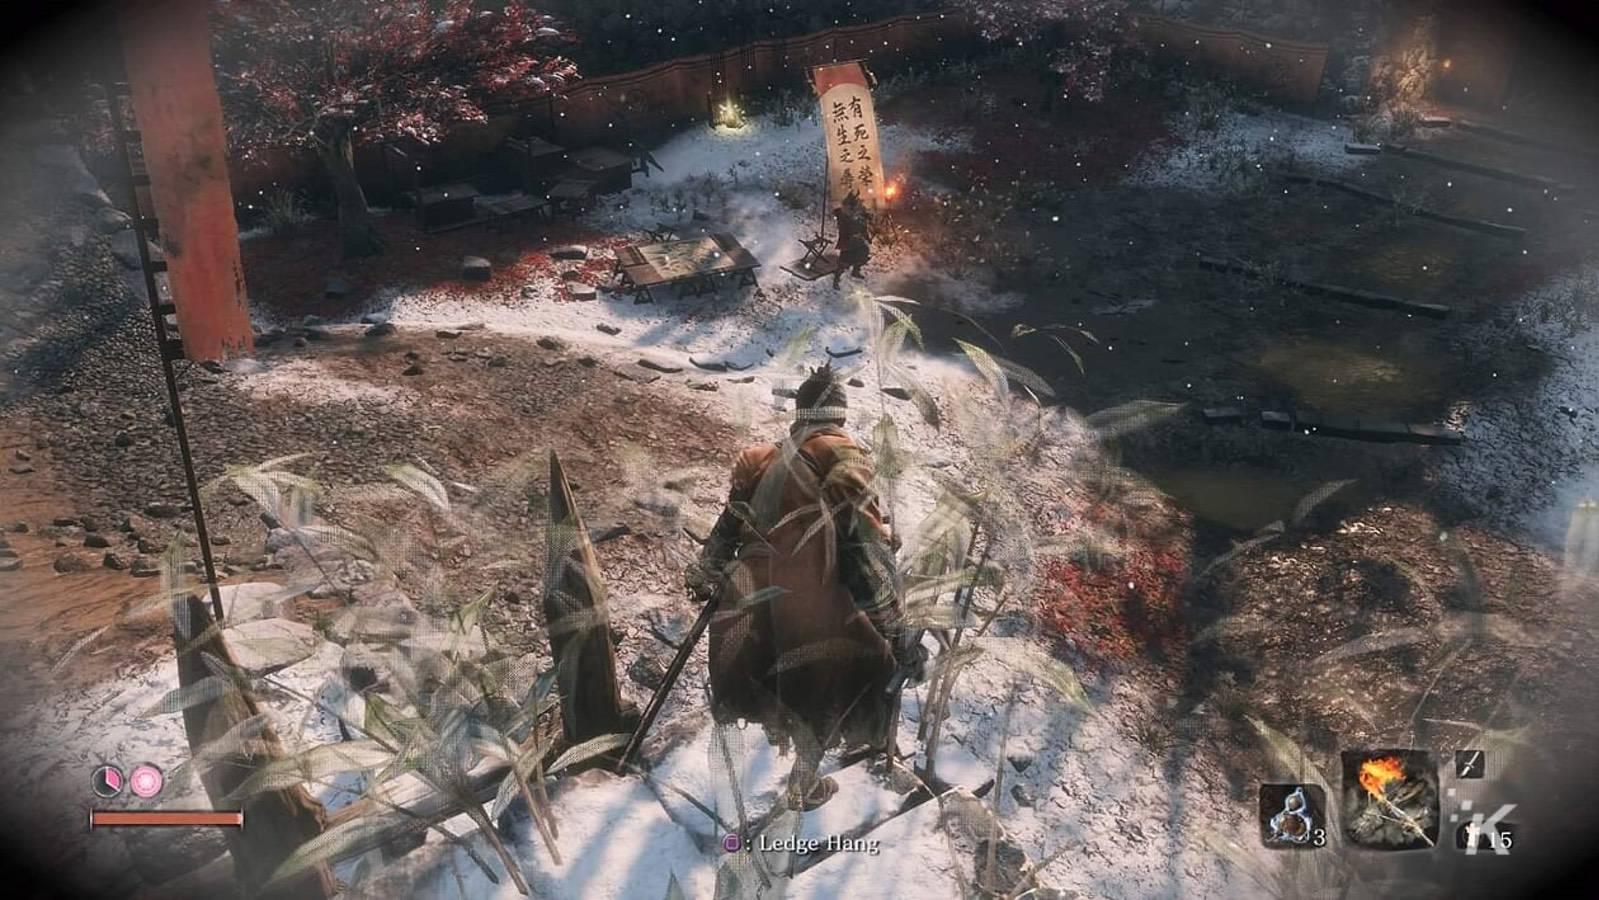 sekiro shadows die twice gameplay